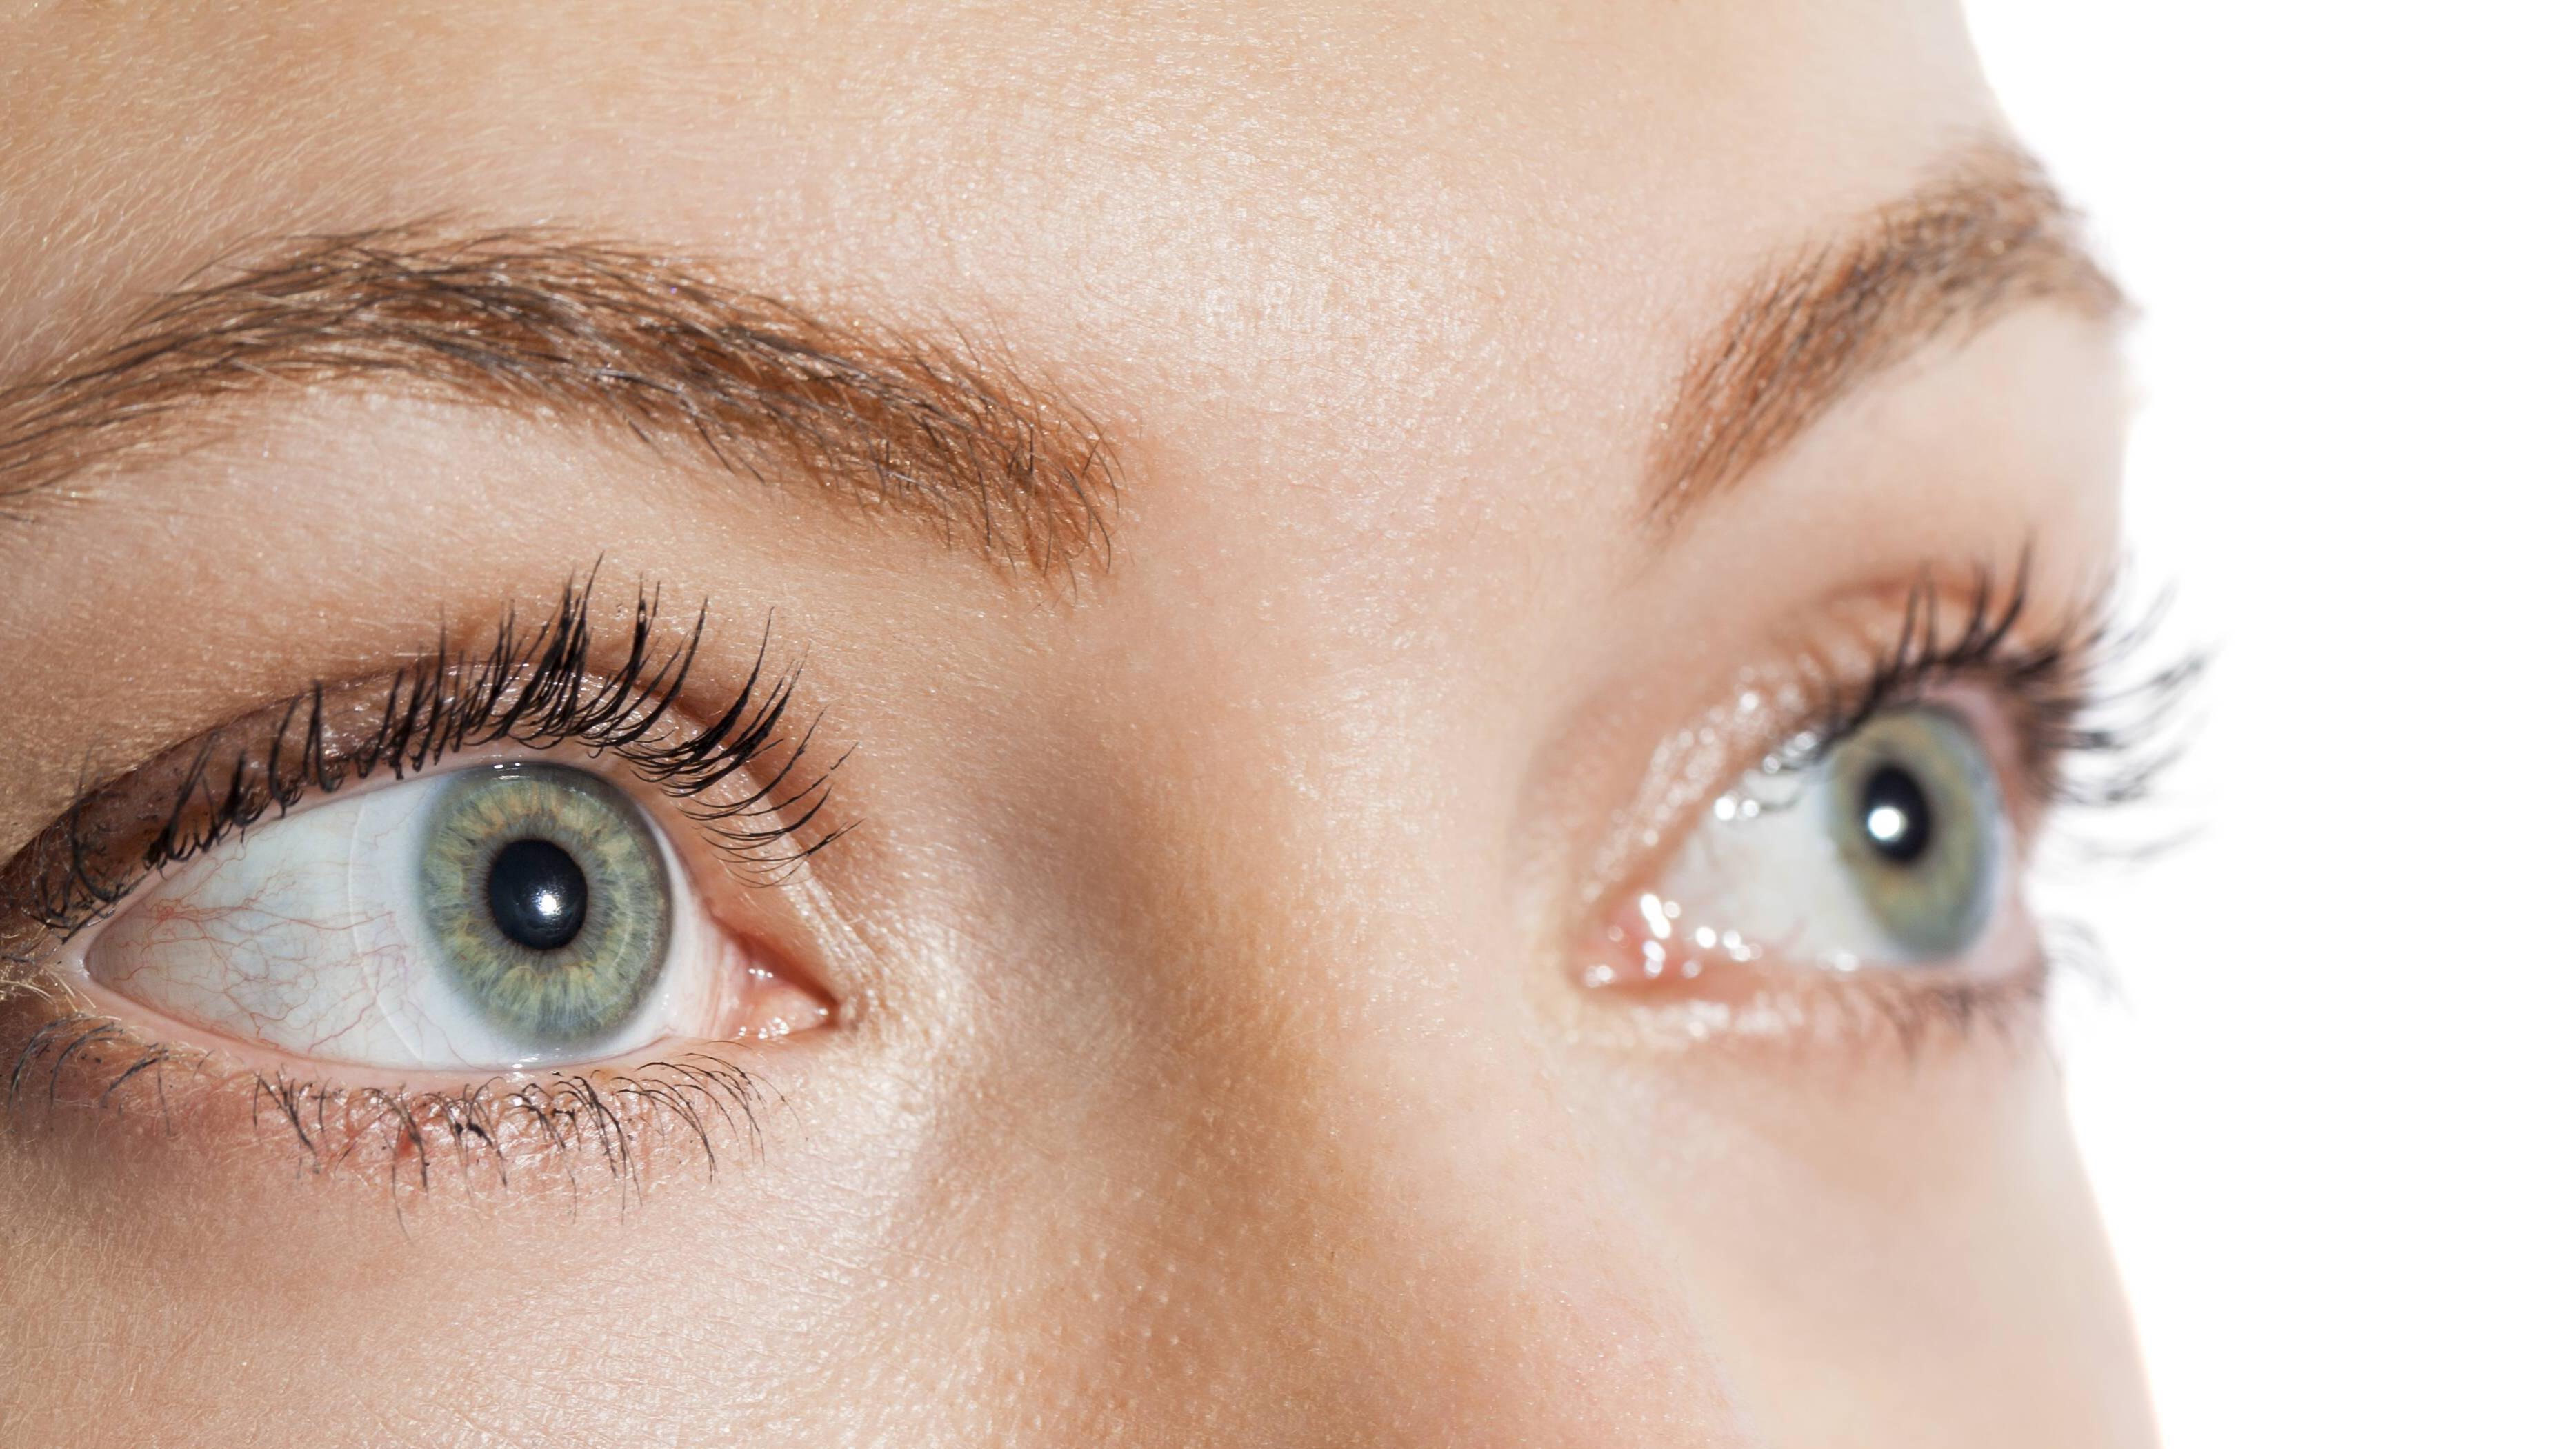 Augenbrauen heller färben: Mit diesen Hausmitteln klappt's